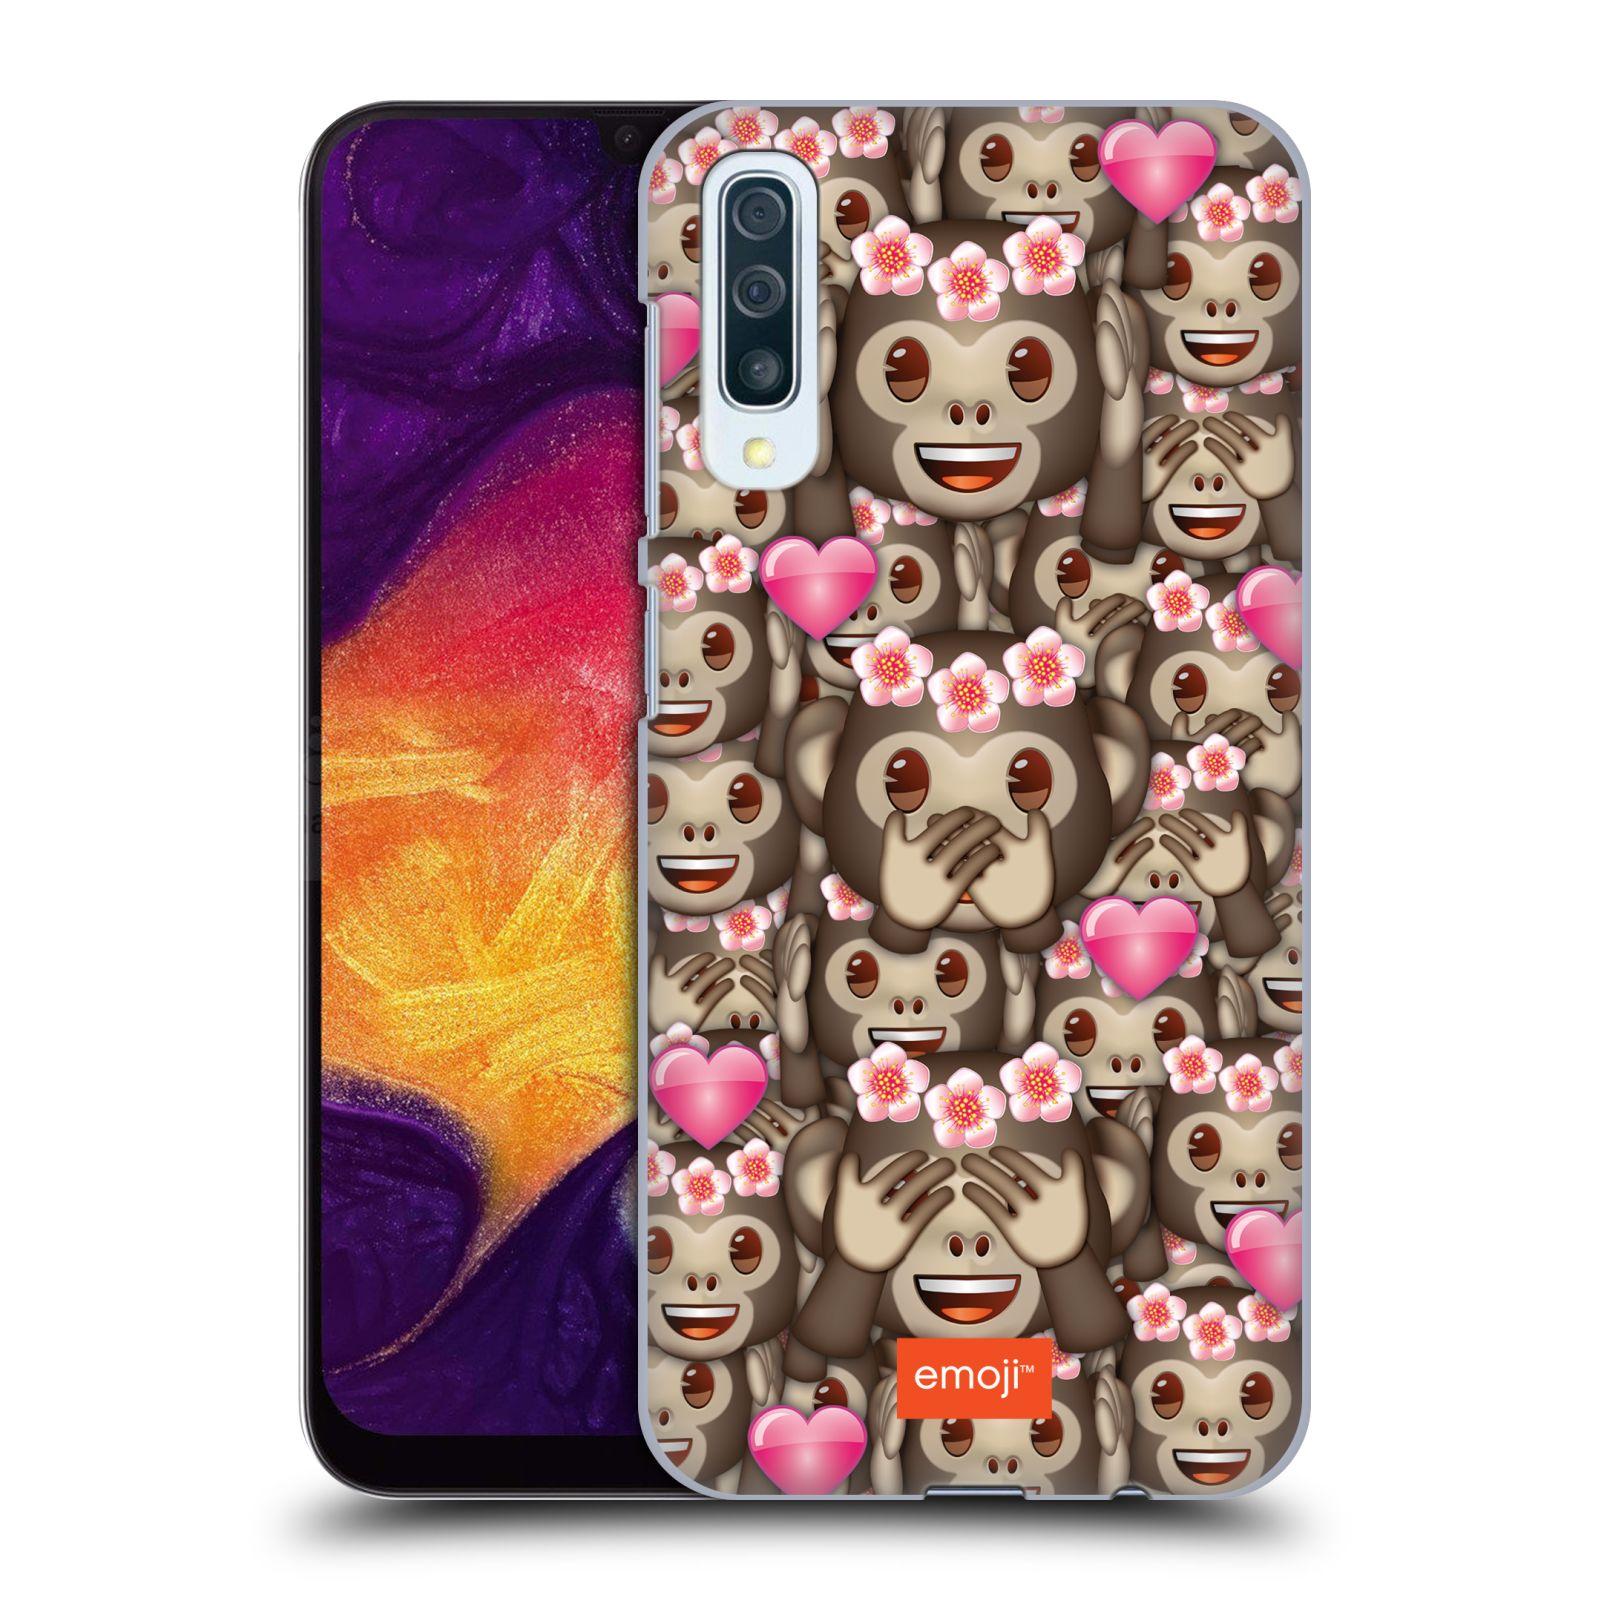 Plastové pouzdro na mobil Samsung Galaxy A50 / A30s - Head Case - EMOJI - Opičky, srdíčka a kytičky